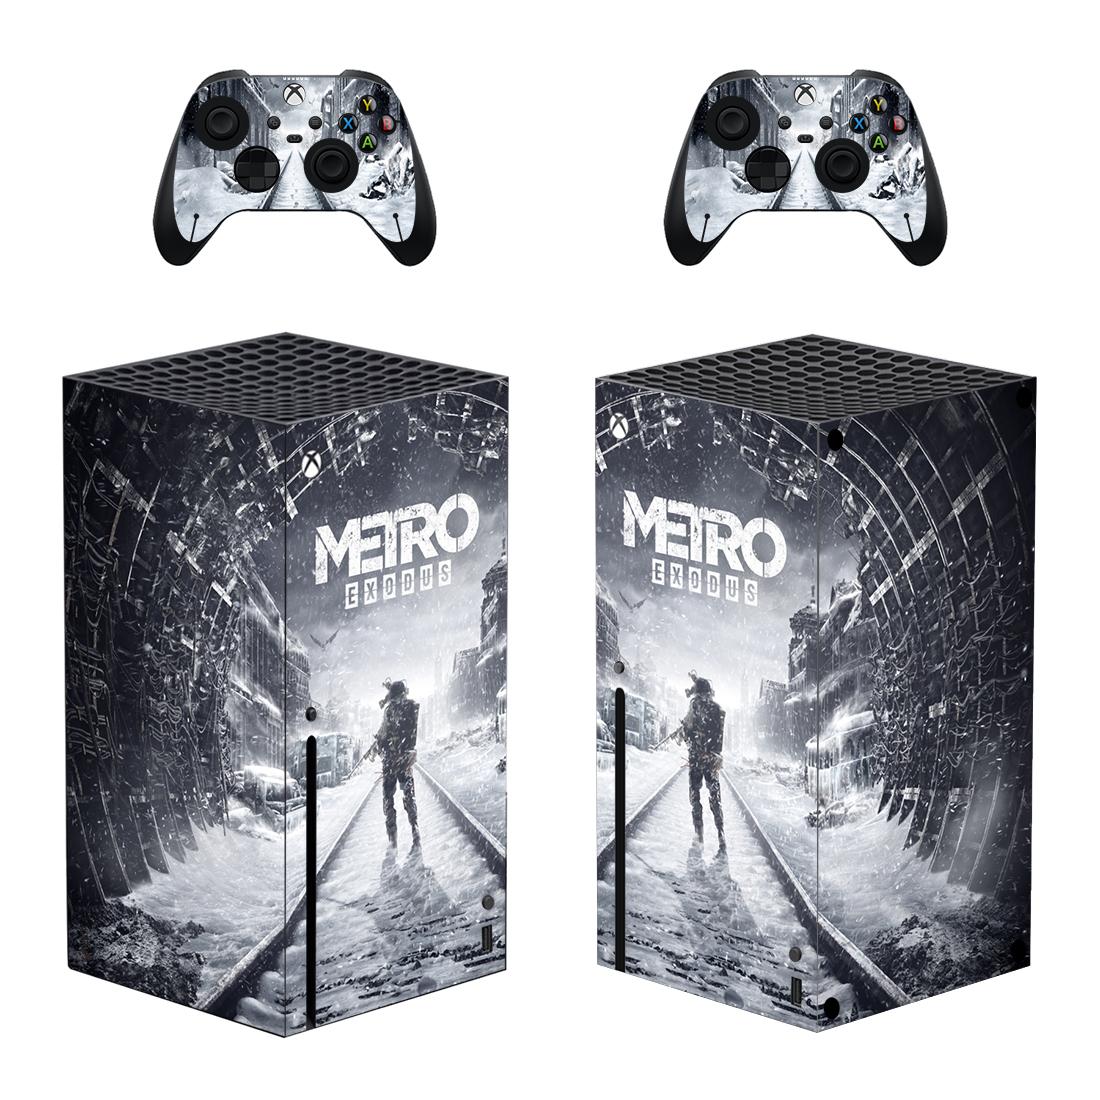 Metro Exodus Xbox Series X Skin Sticker Decal